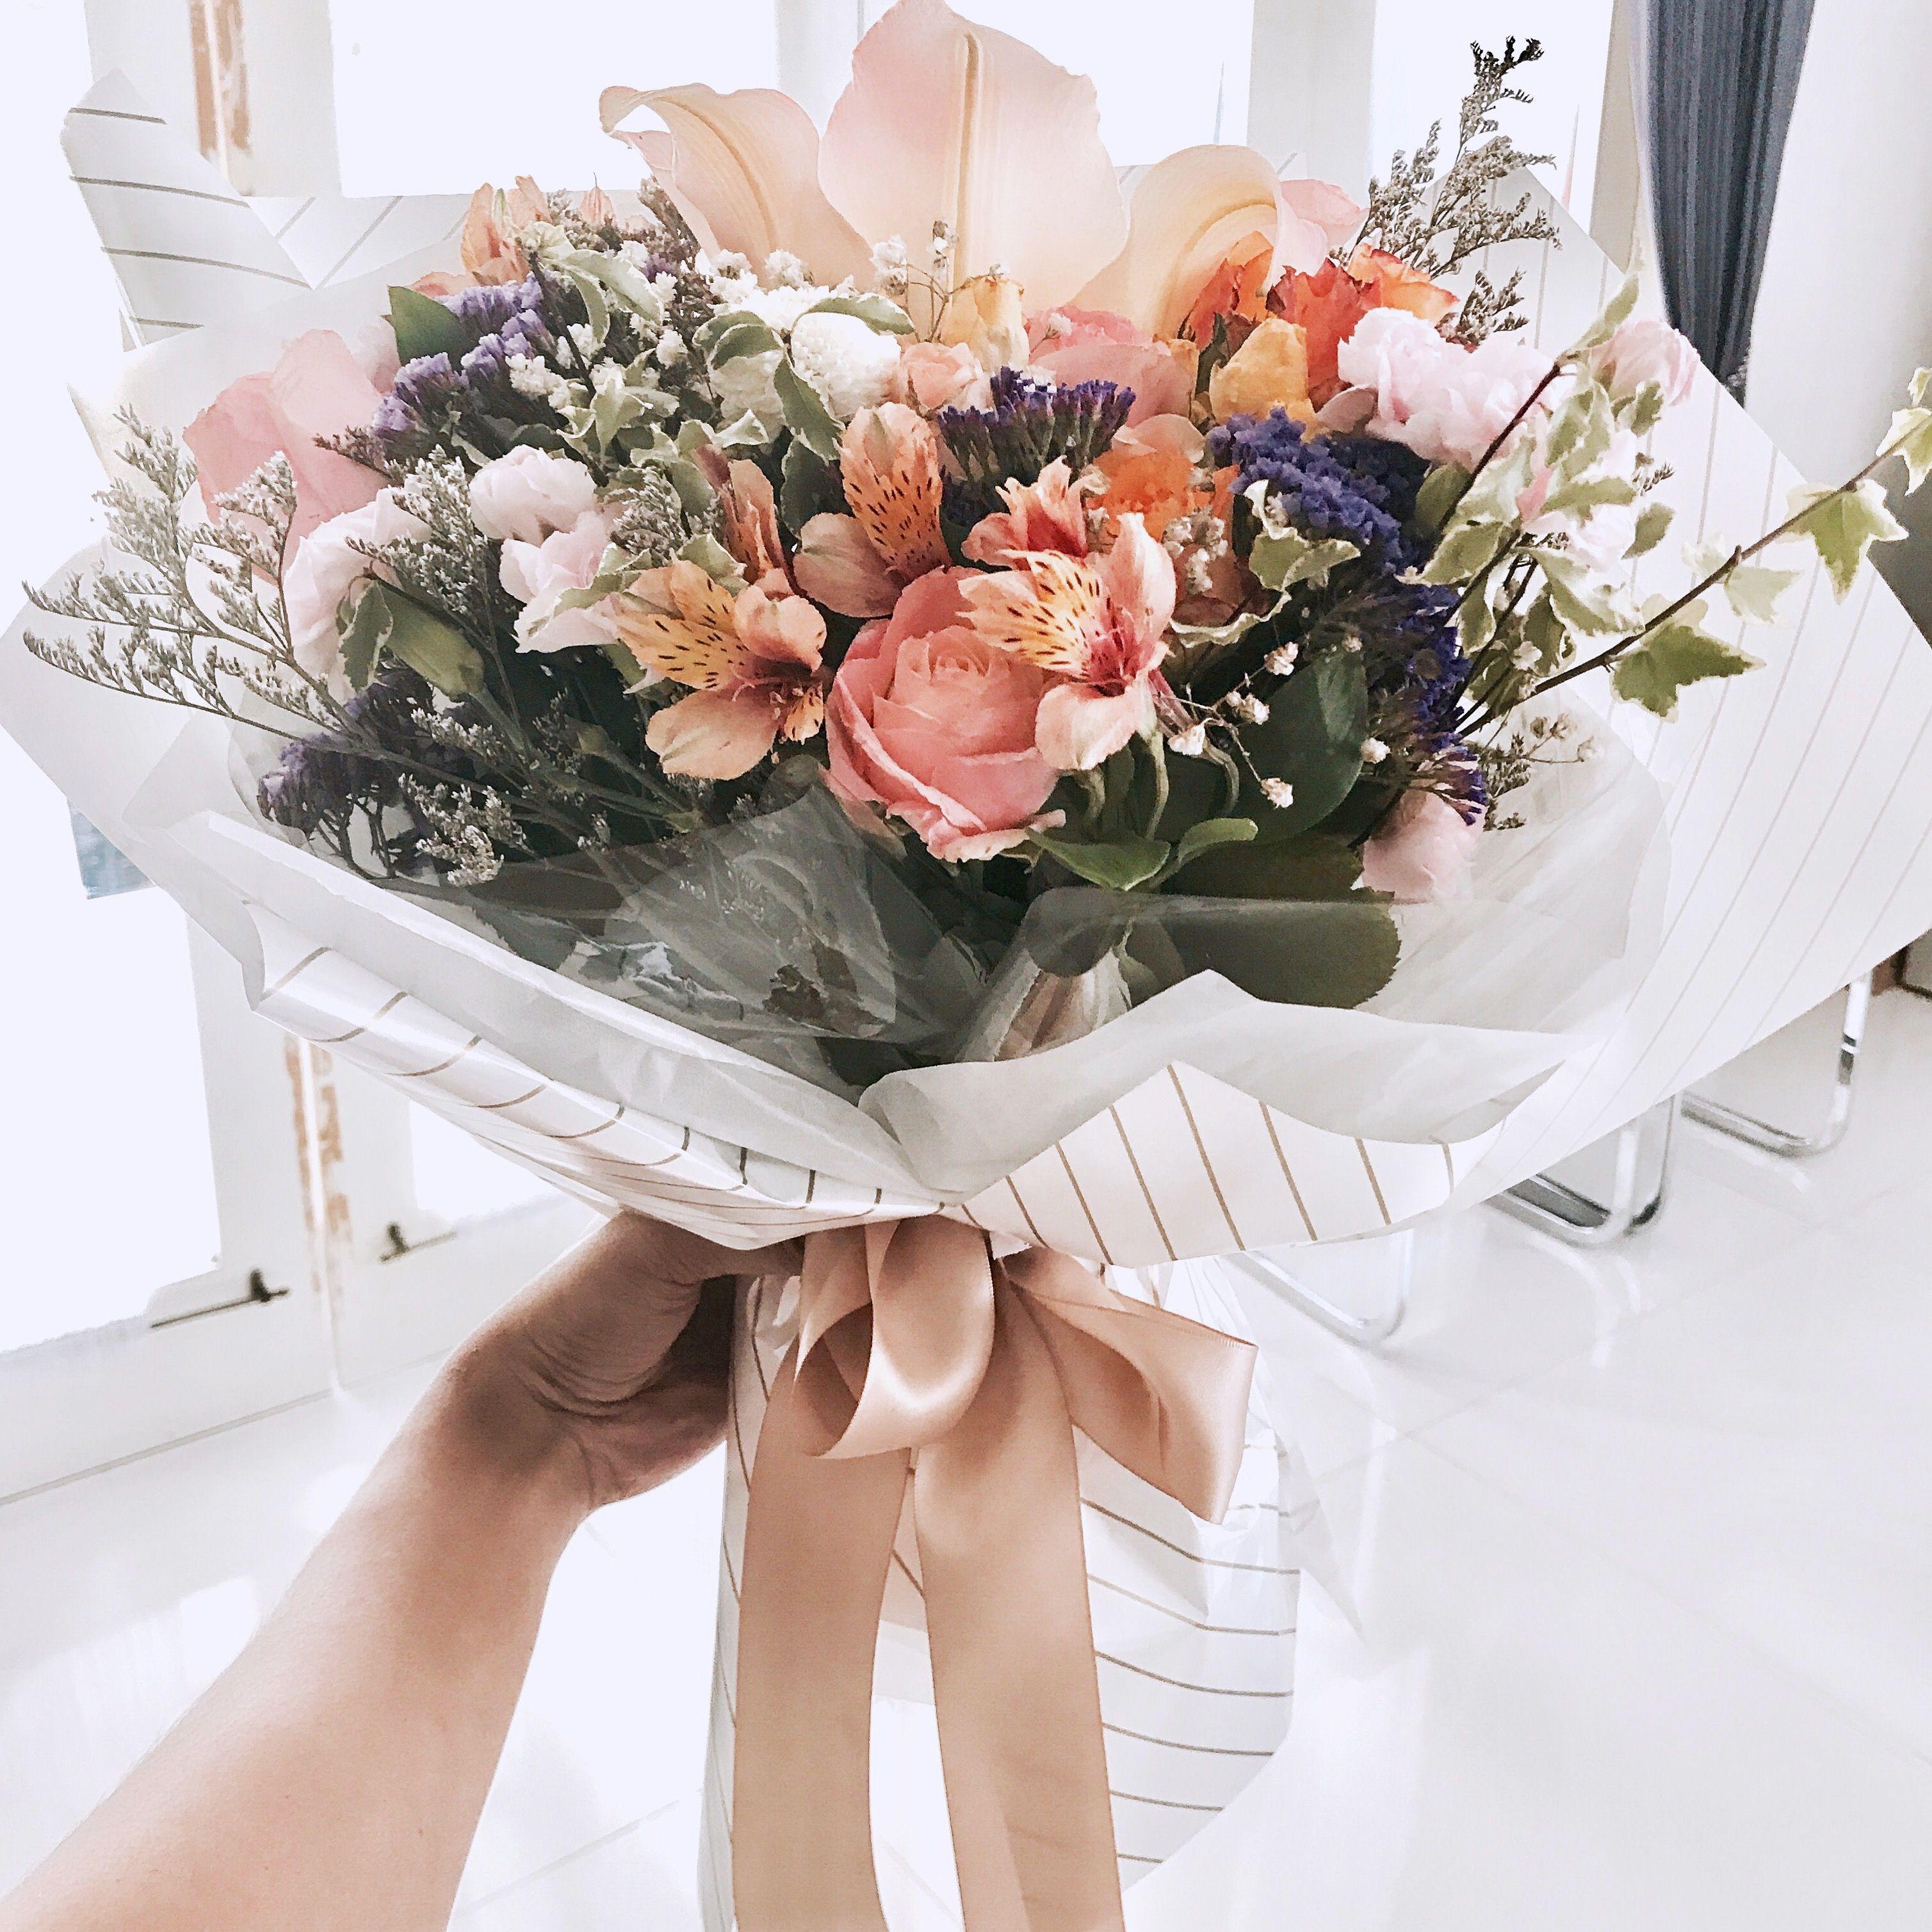 Pin by eleanor la on Korean flower bouquet | Pinterest | Flower bouquets